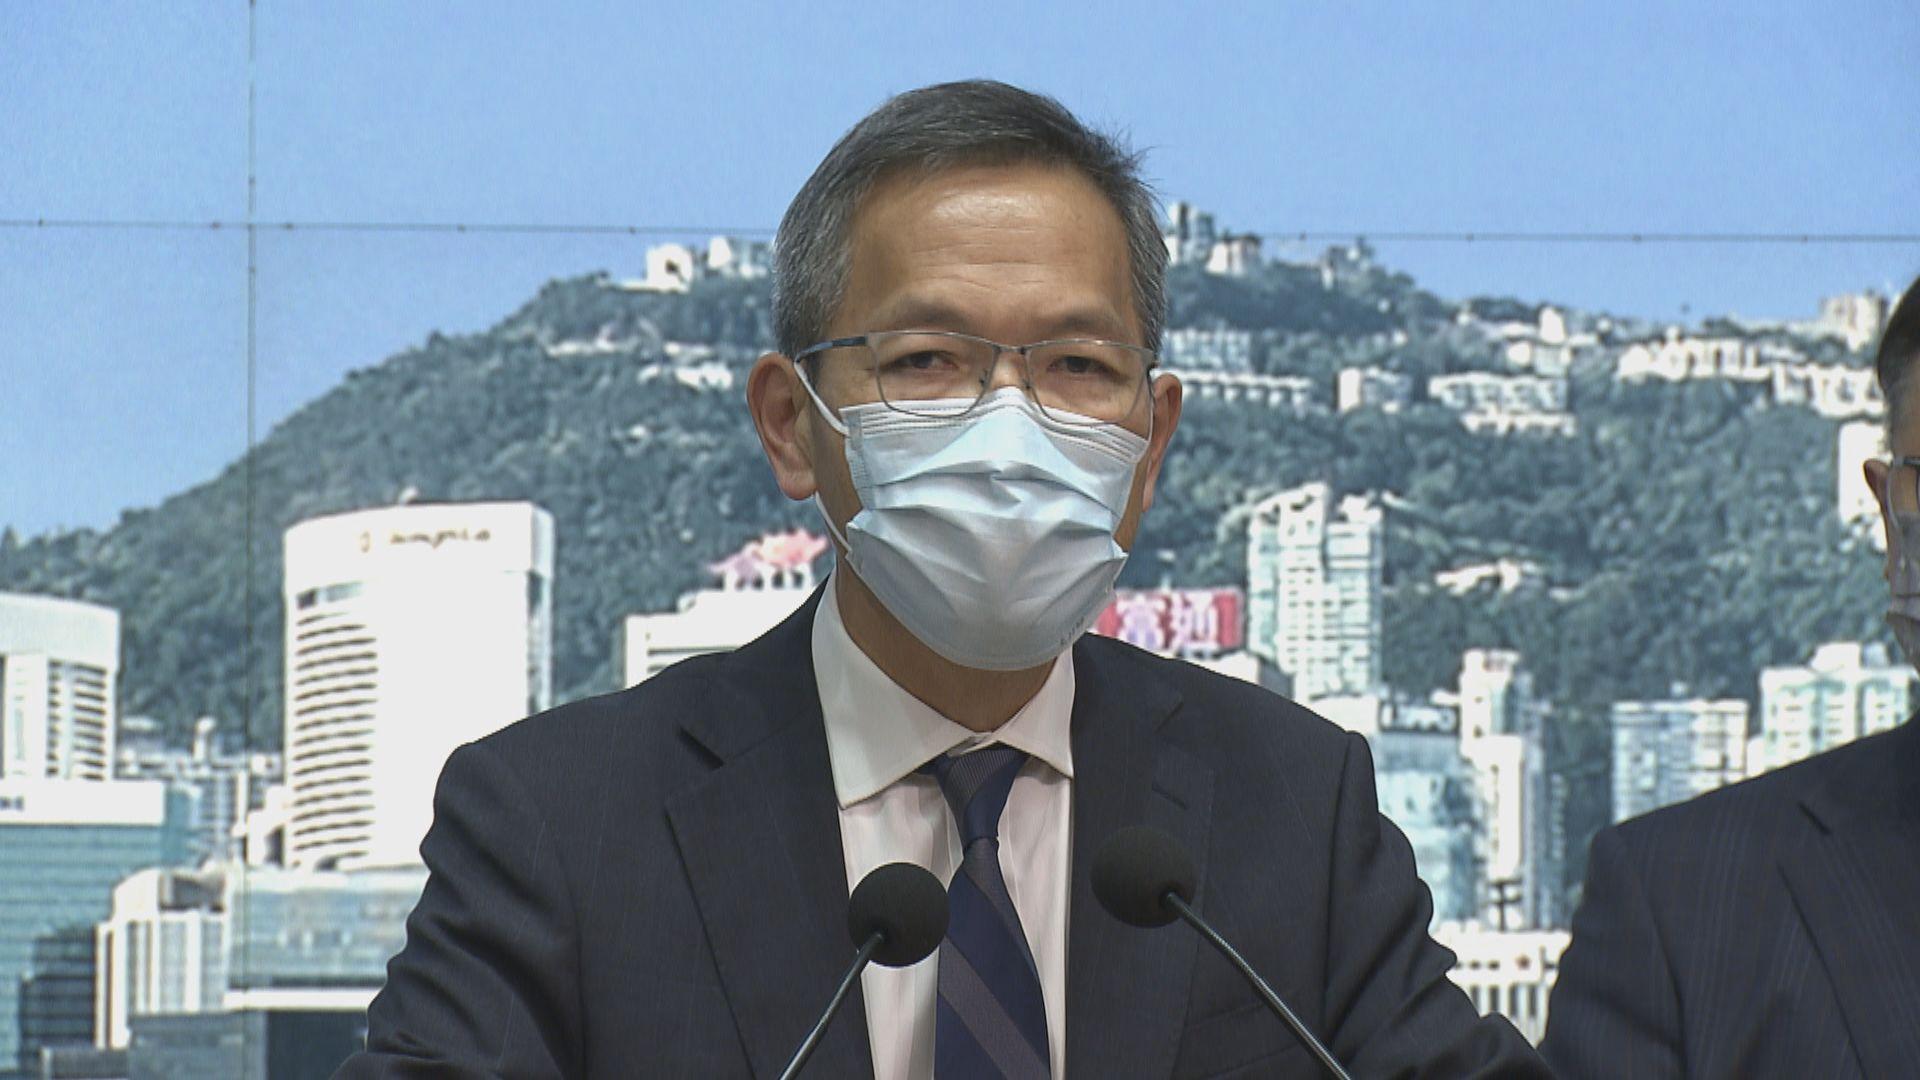 劉澤星:顧問委員會以科學眼光批疫苗應否在港緊急使用